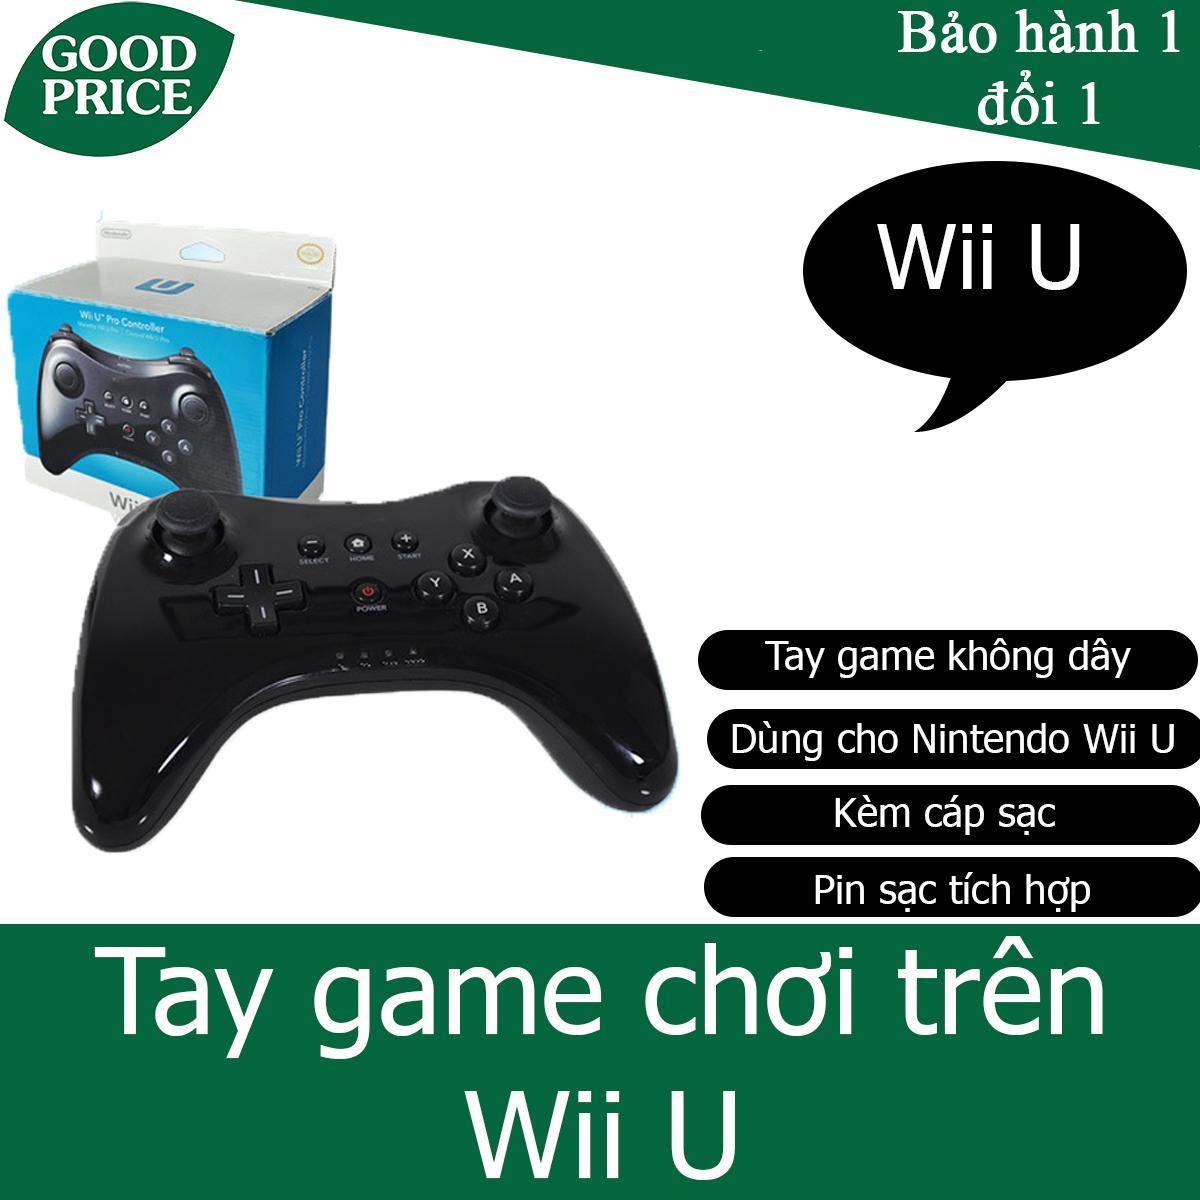 Tay game không dây cho Nintendo Wii U - gamepad Wii U